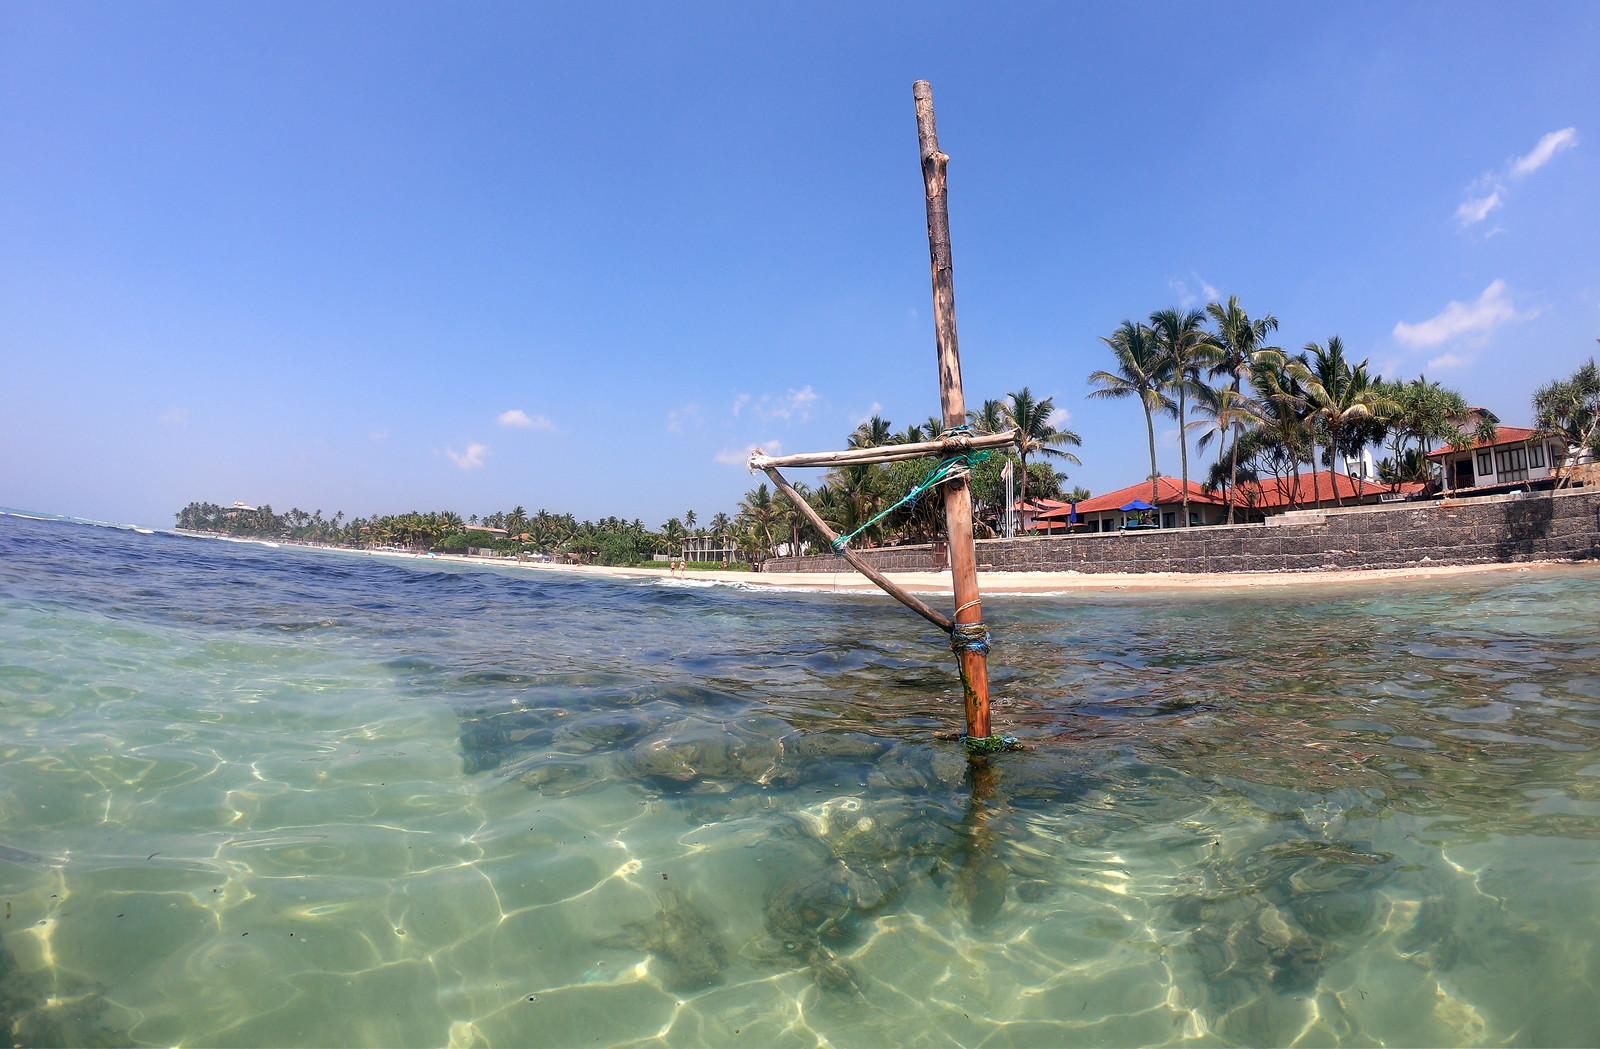 Qué hacer en Unawatuna, Sri Lanka qué hacer en unawatuna - 33260190988 51d50c0fc0 h - Qué hacer en Unawatuna, el paraíso de Sri Lanka